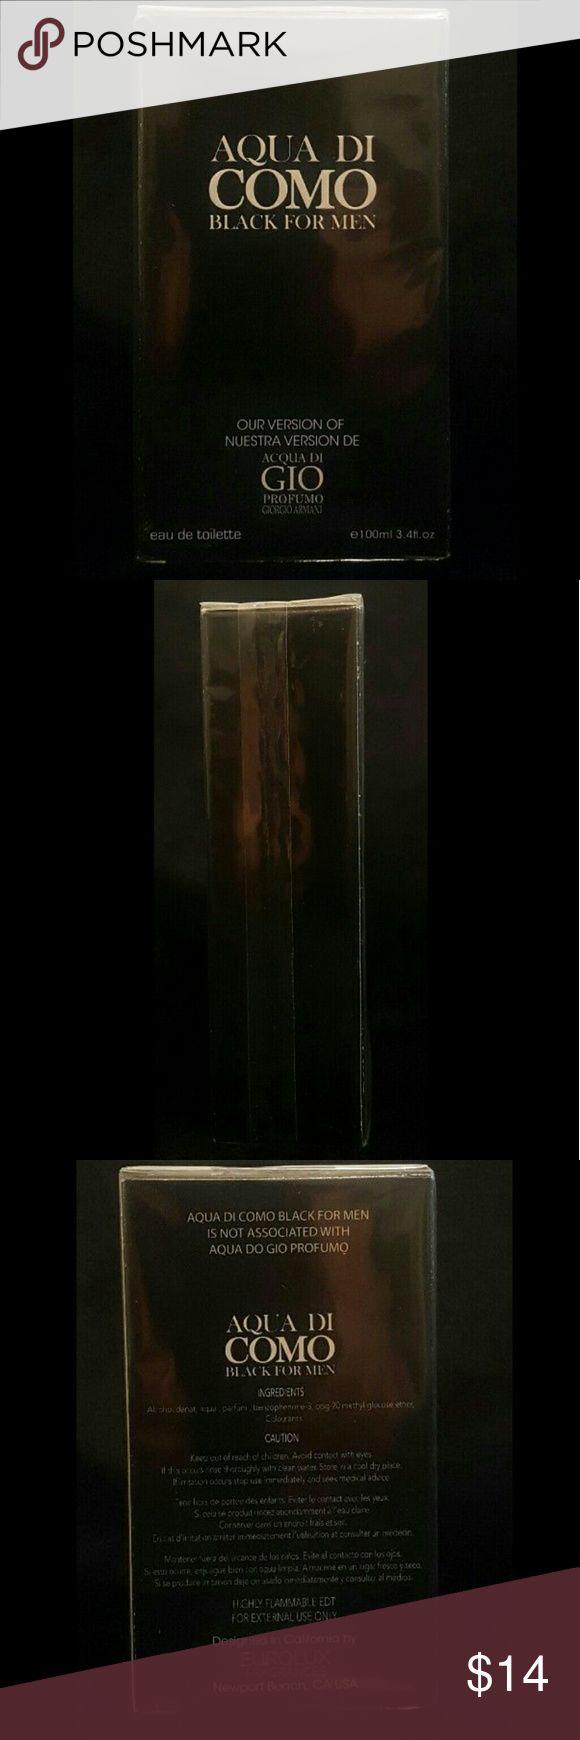 Aqua Di Como -Black - Impression of Georgio Armani Aqua Di Como  Black For Men   Impression of Aqua Di Gio  By Georgio Armani   Men's Cologne  Eau De Toilette   New in Packaging   100ml  3.4fl.oz.  Made in ROI   Fast Shipping and Handling! Eurolux Accessories